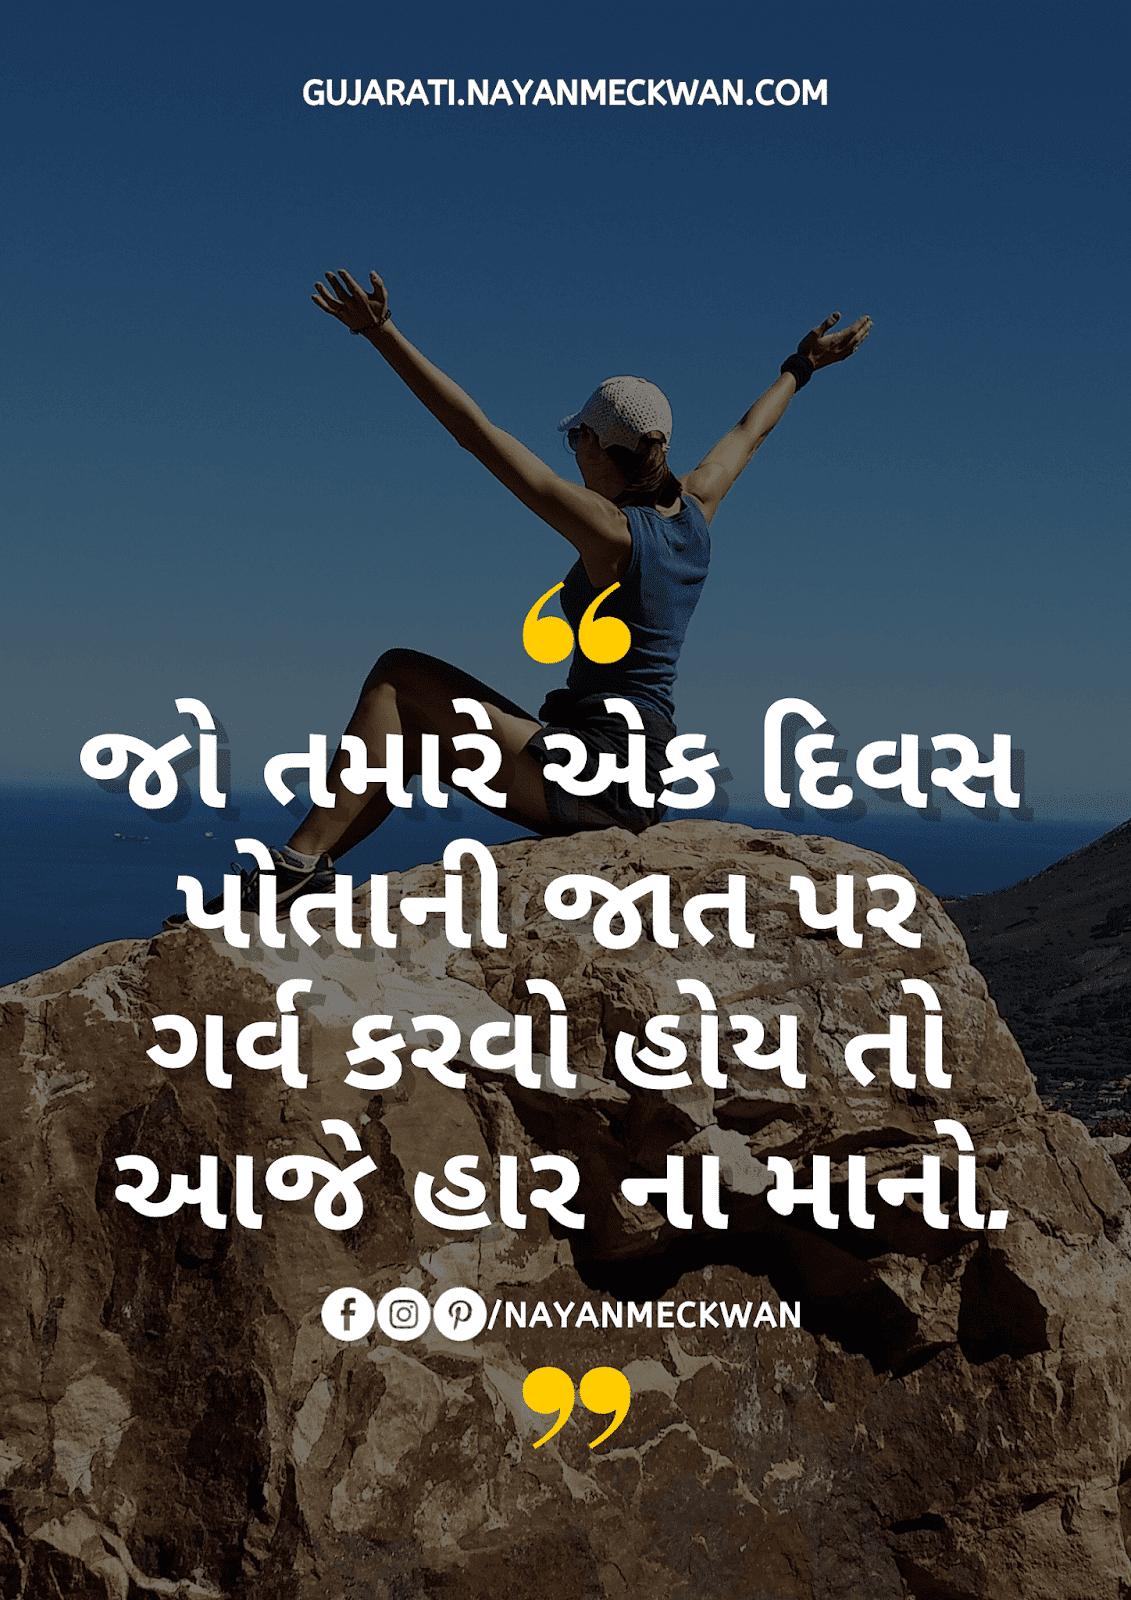 પોતાનું gaurav motivational બેસ્ટ ગુજરાતી suvichar images 2020